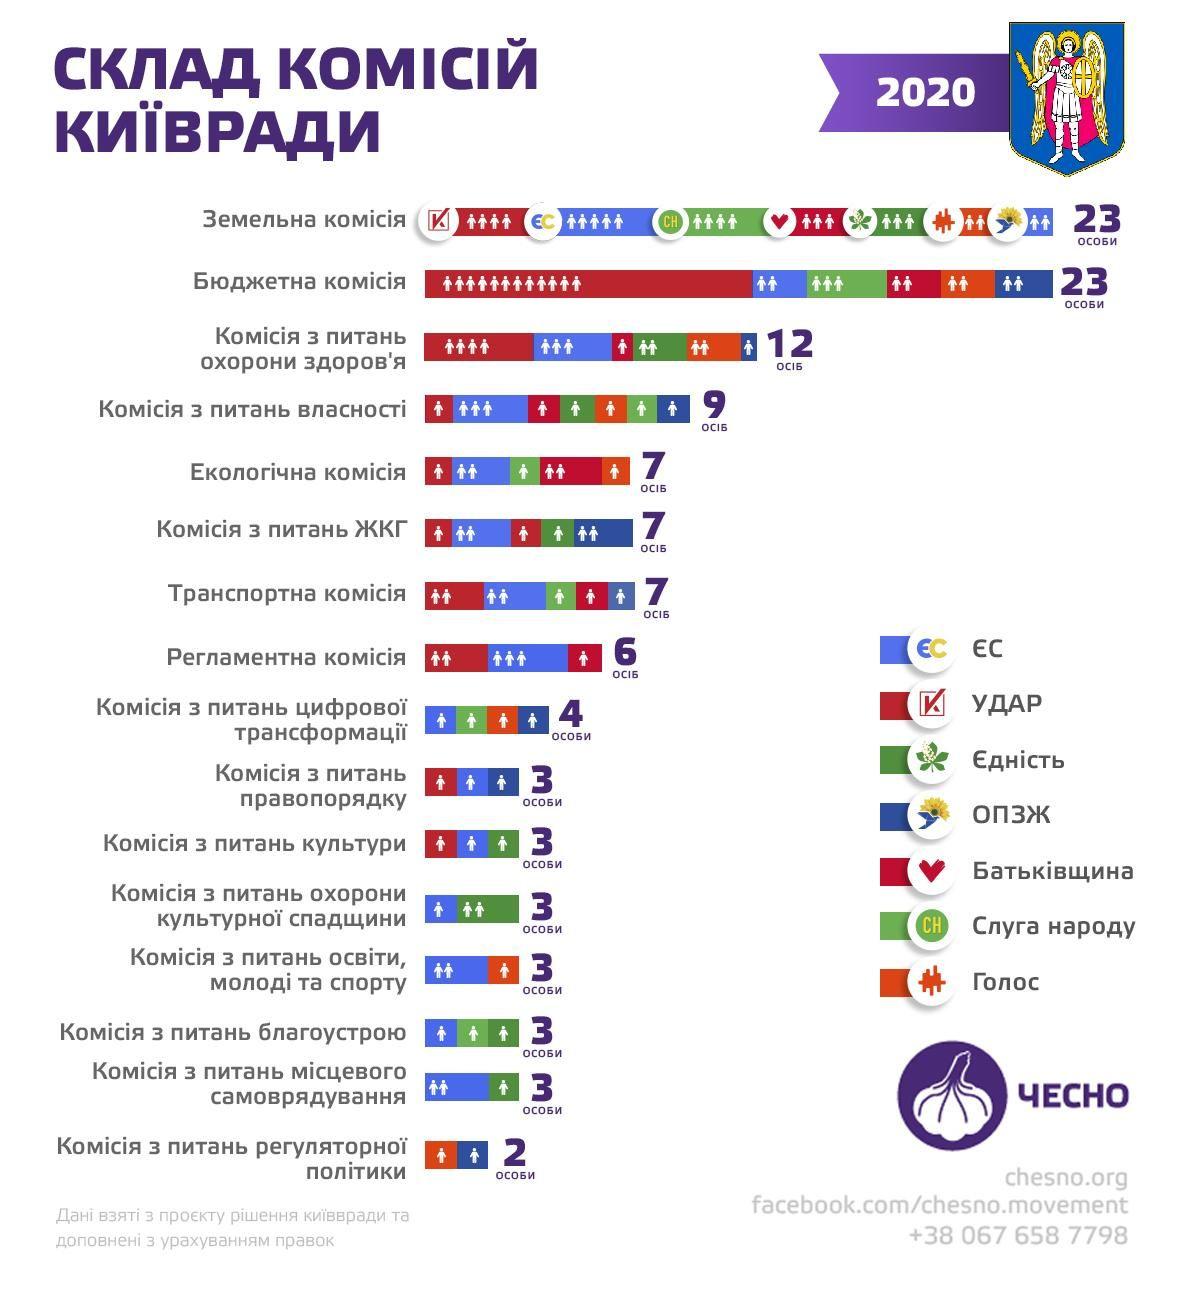 Склад комісій Київради / Інфографіка ЧЕСНО